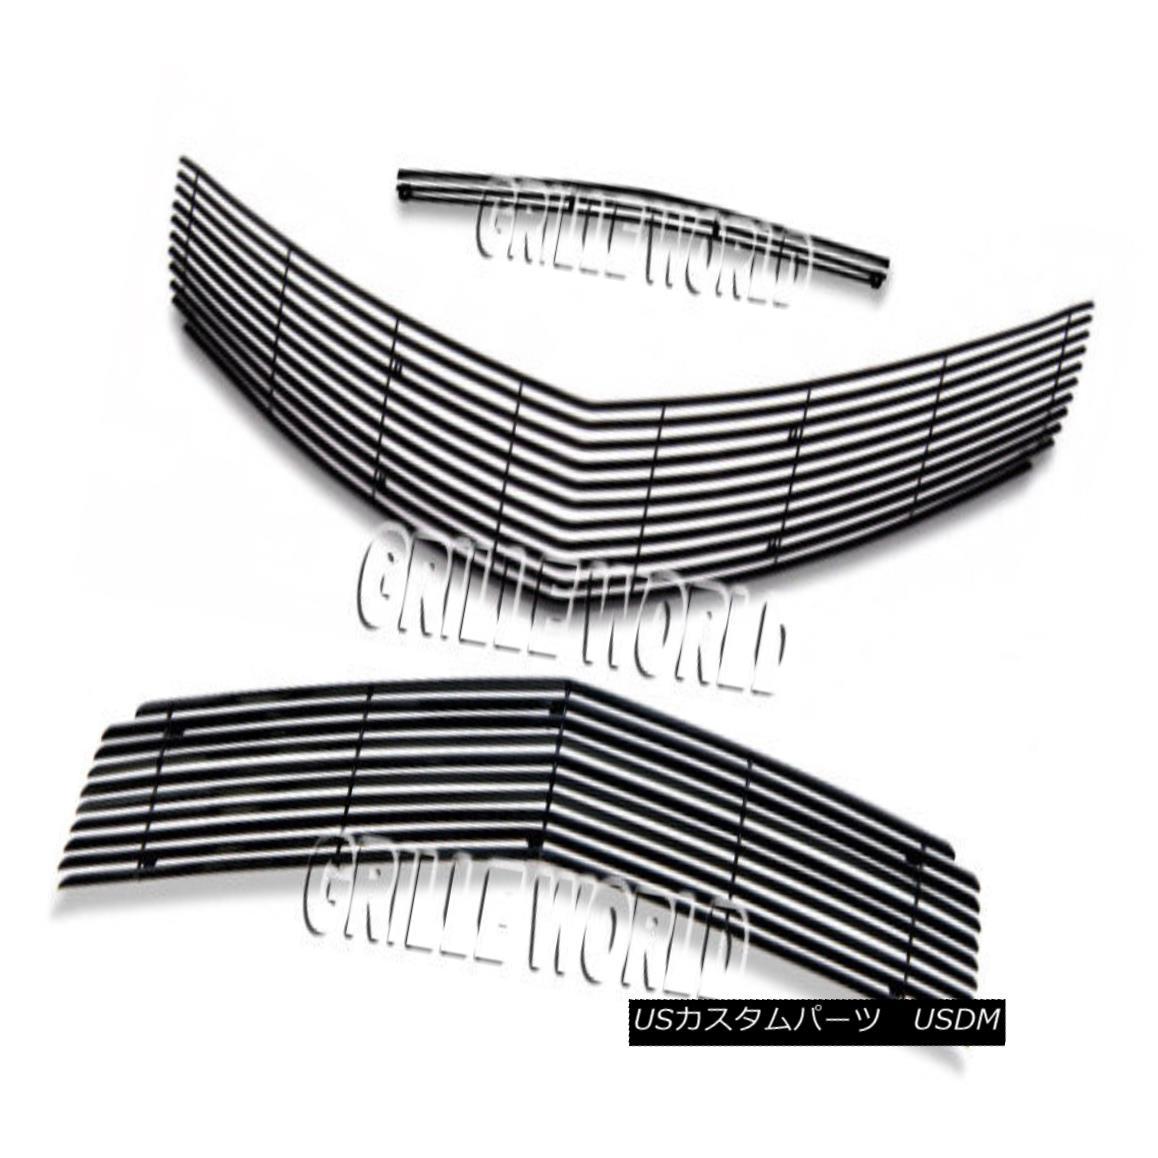 グリル For 2010-2013 Chevy Camaro SS V8 Black Billet Premium Grille Grill Insert Combo 2010-2013シボレーカマロSS V8ブラックビレットプレミアムグリルグリルインサートコンボ用